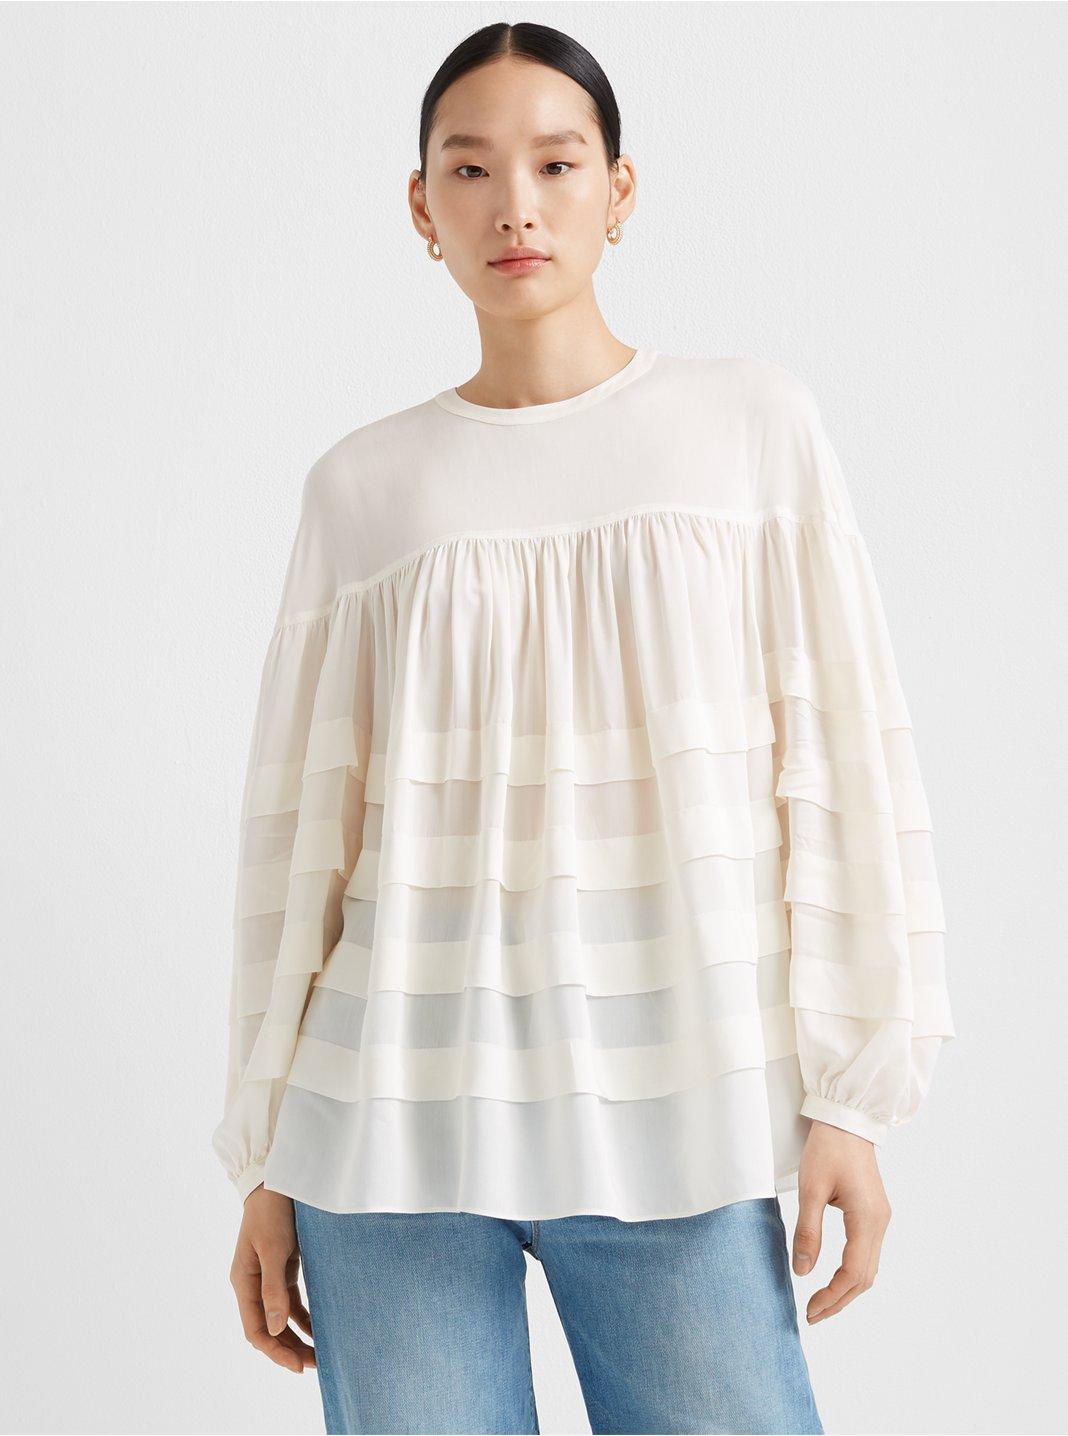 Layered Tuck Shirt